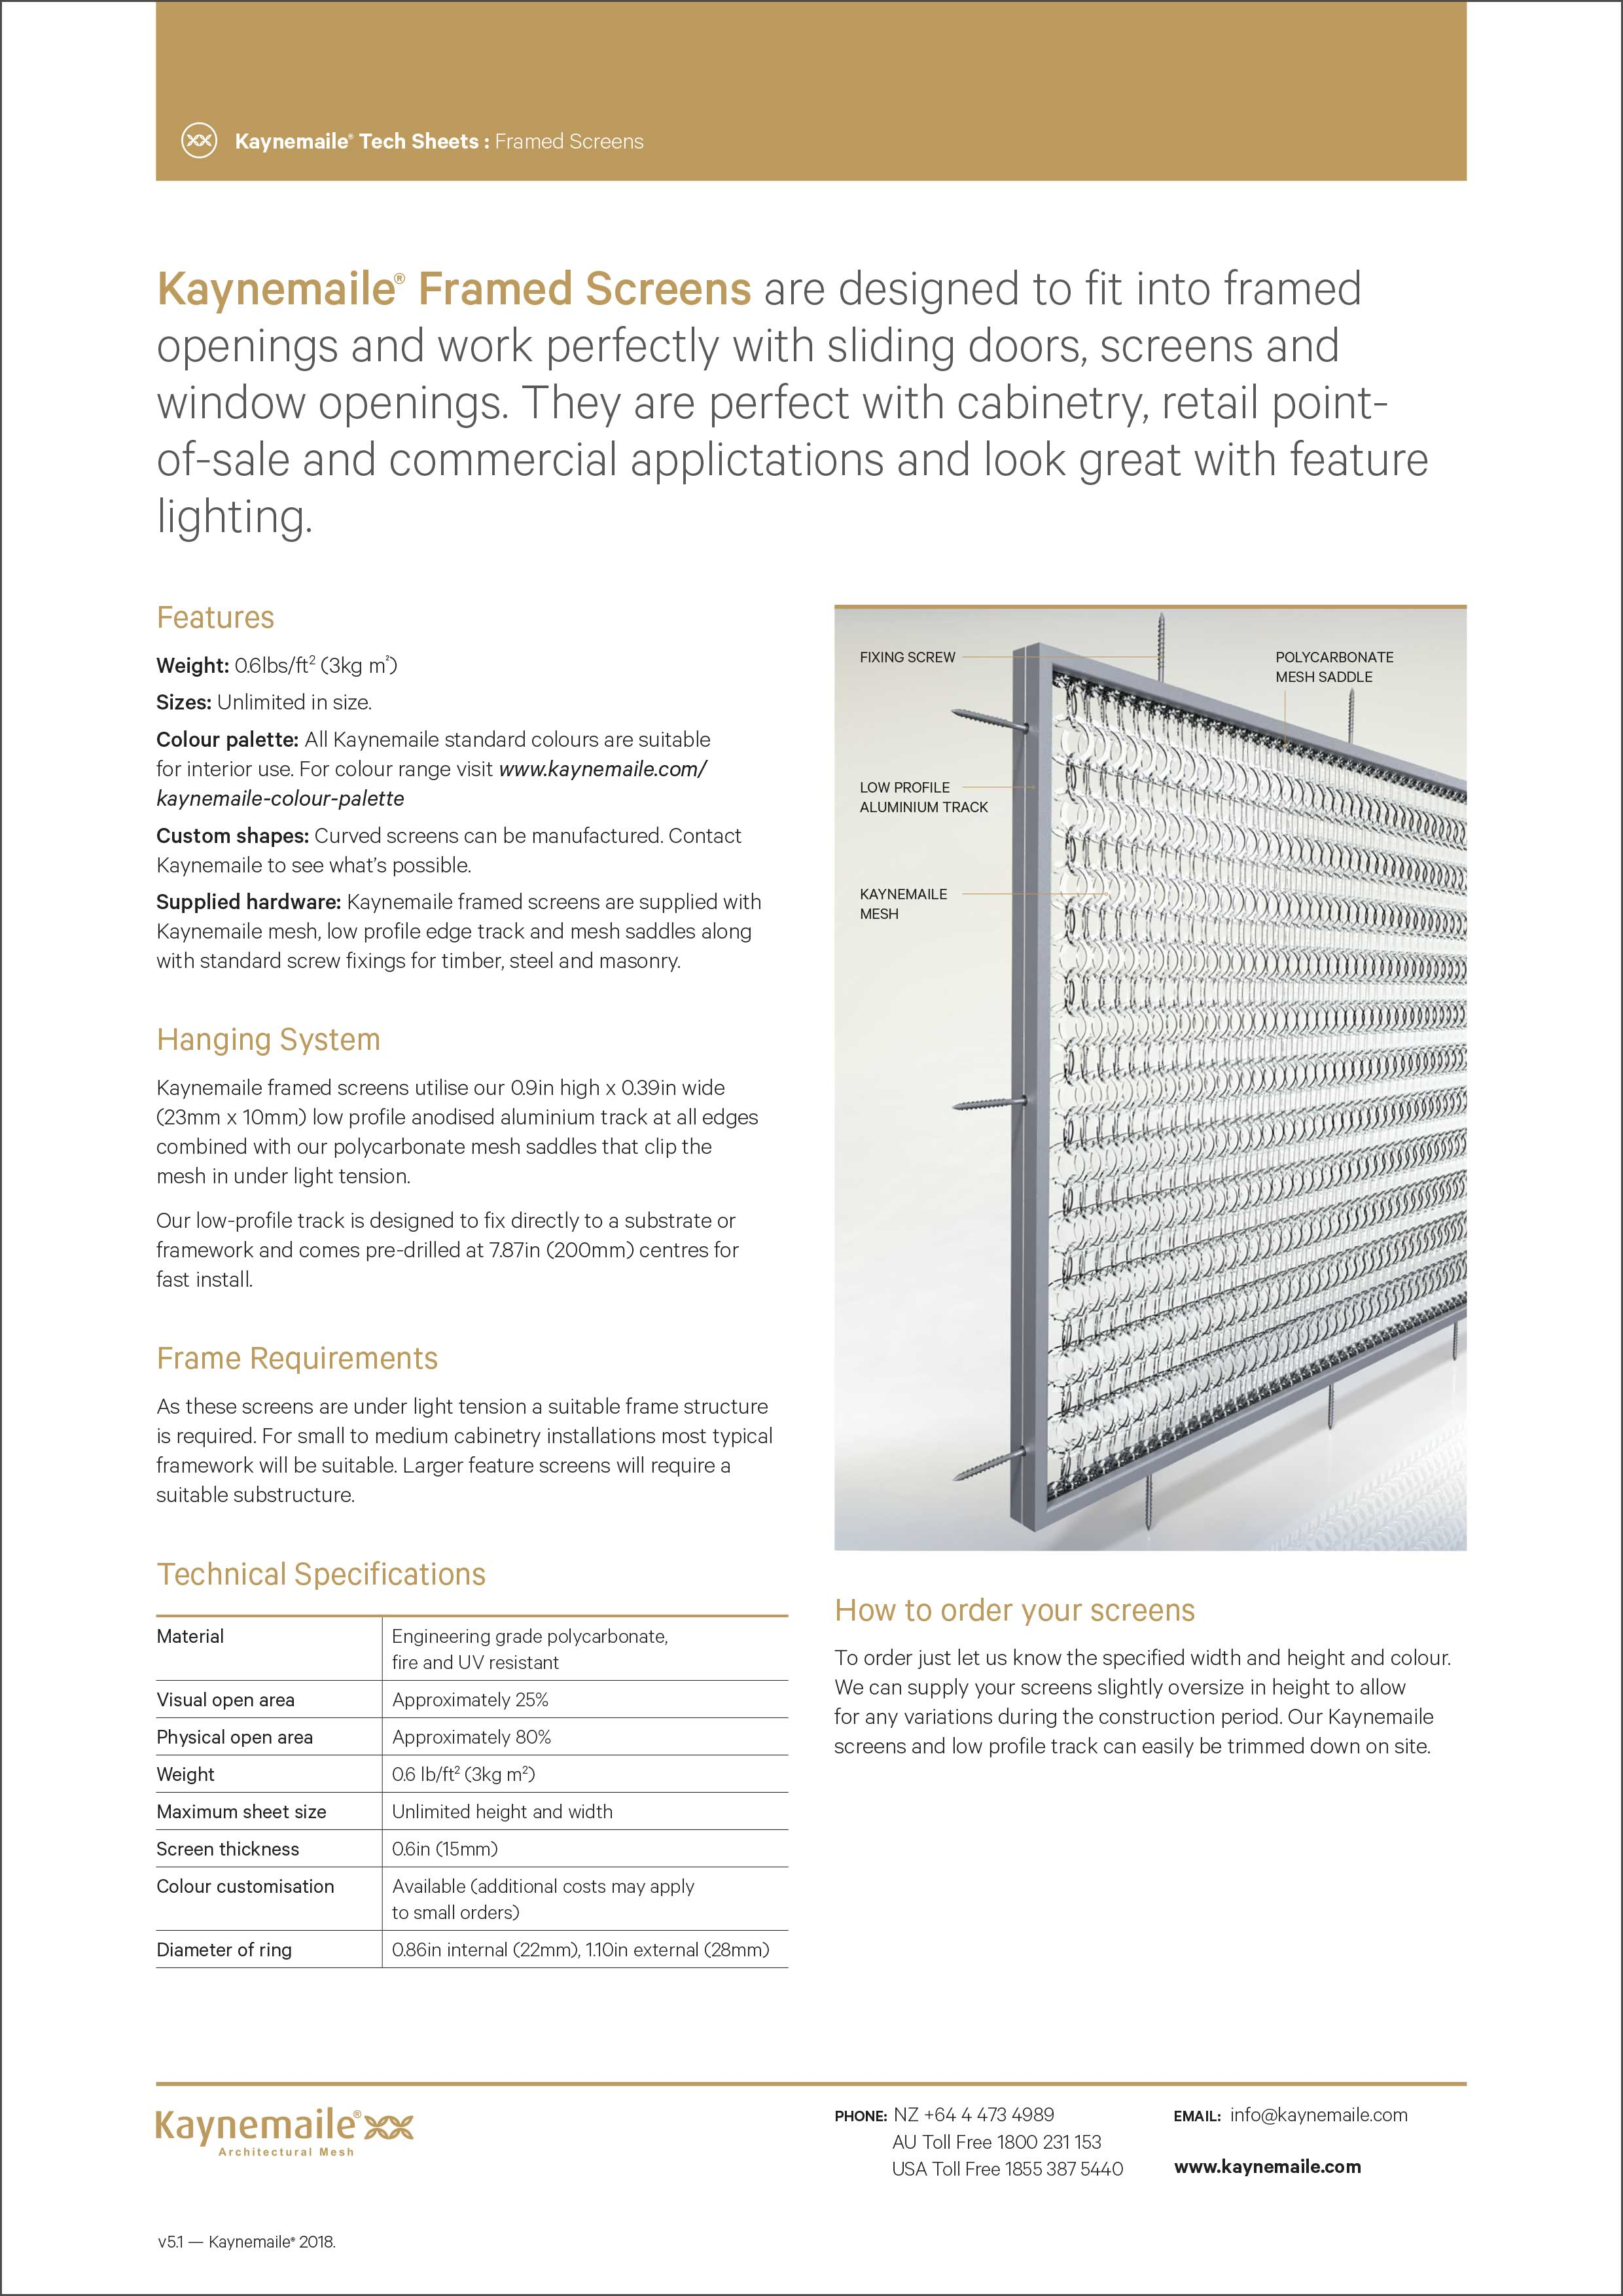 Interior Framed Screen Tech Sheet    Download →